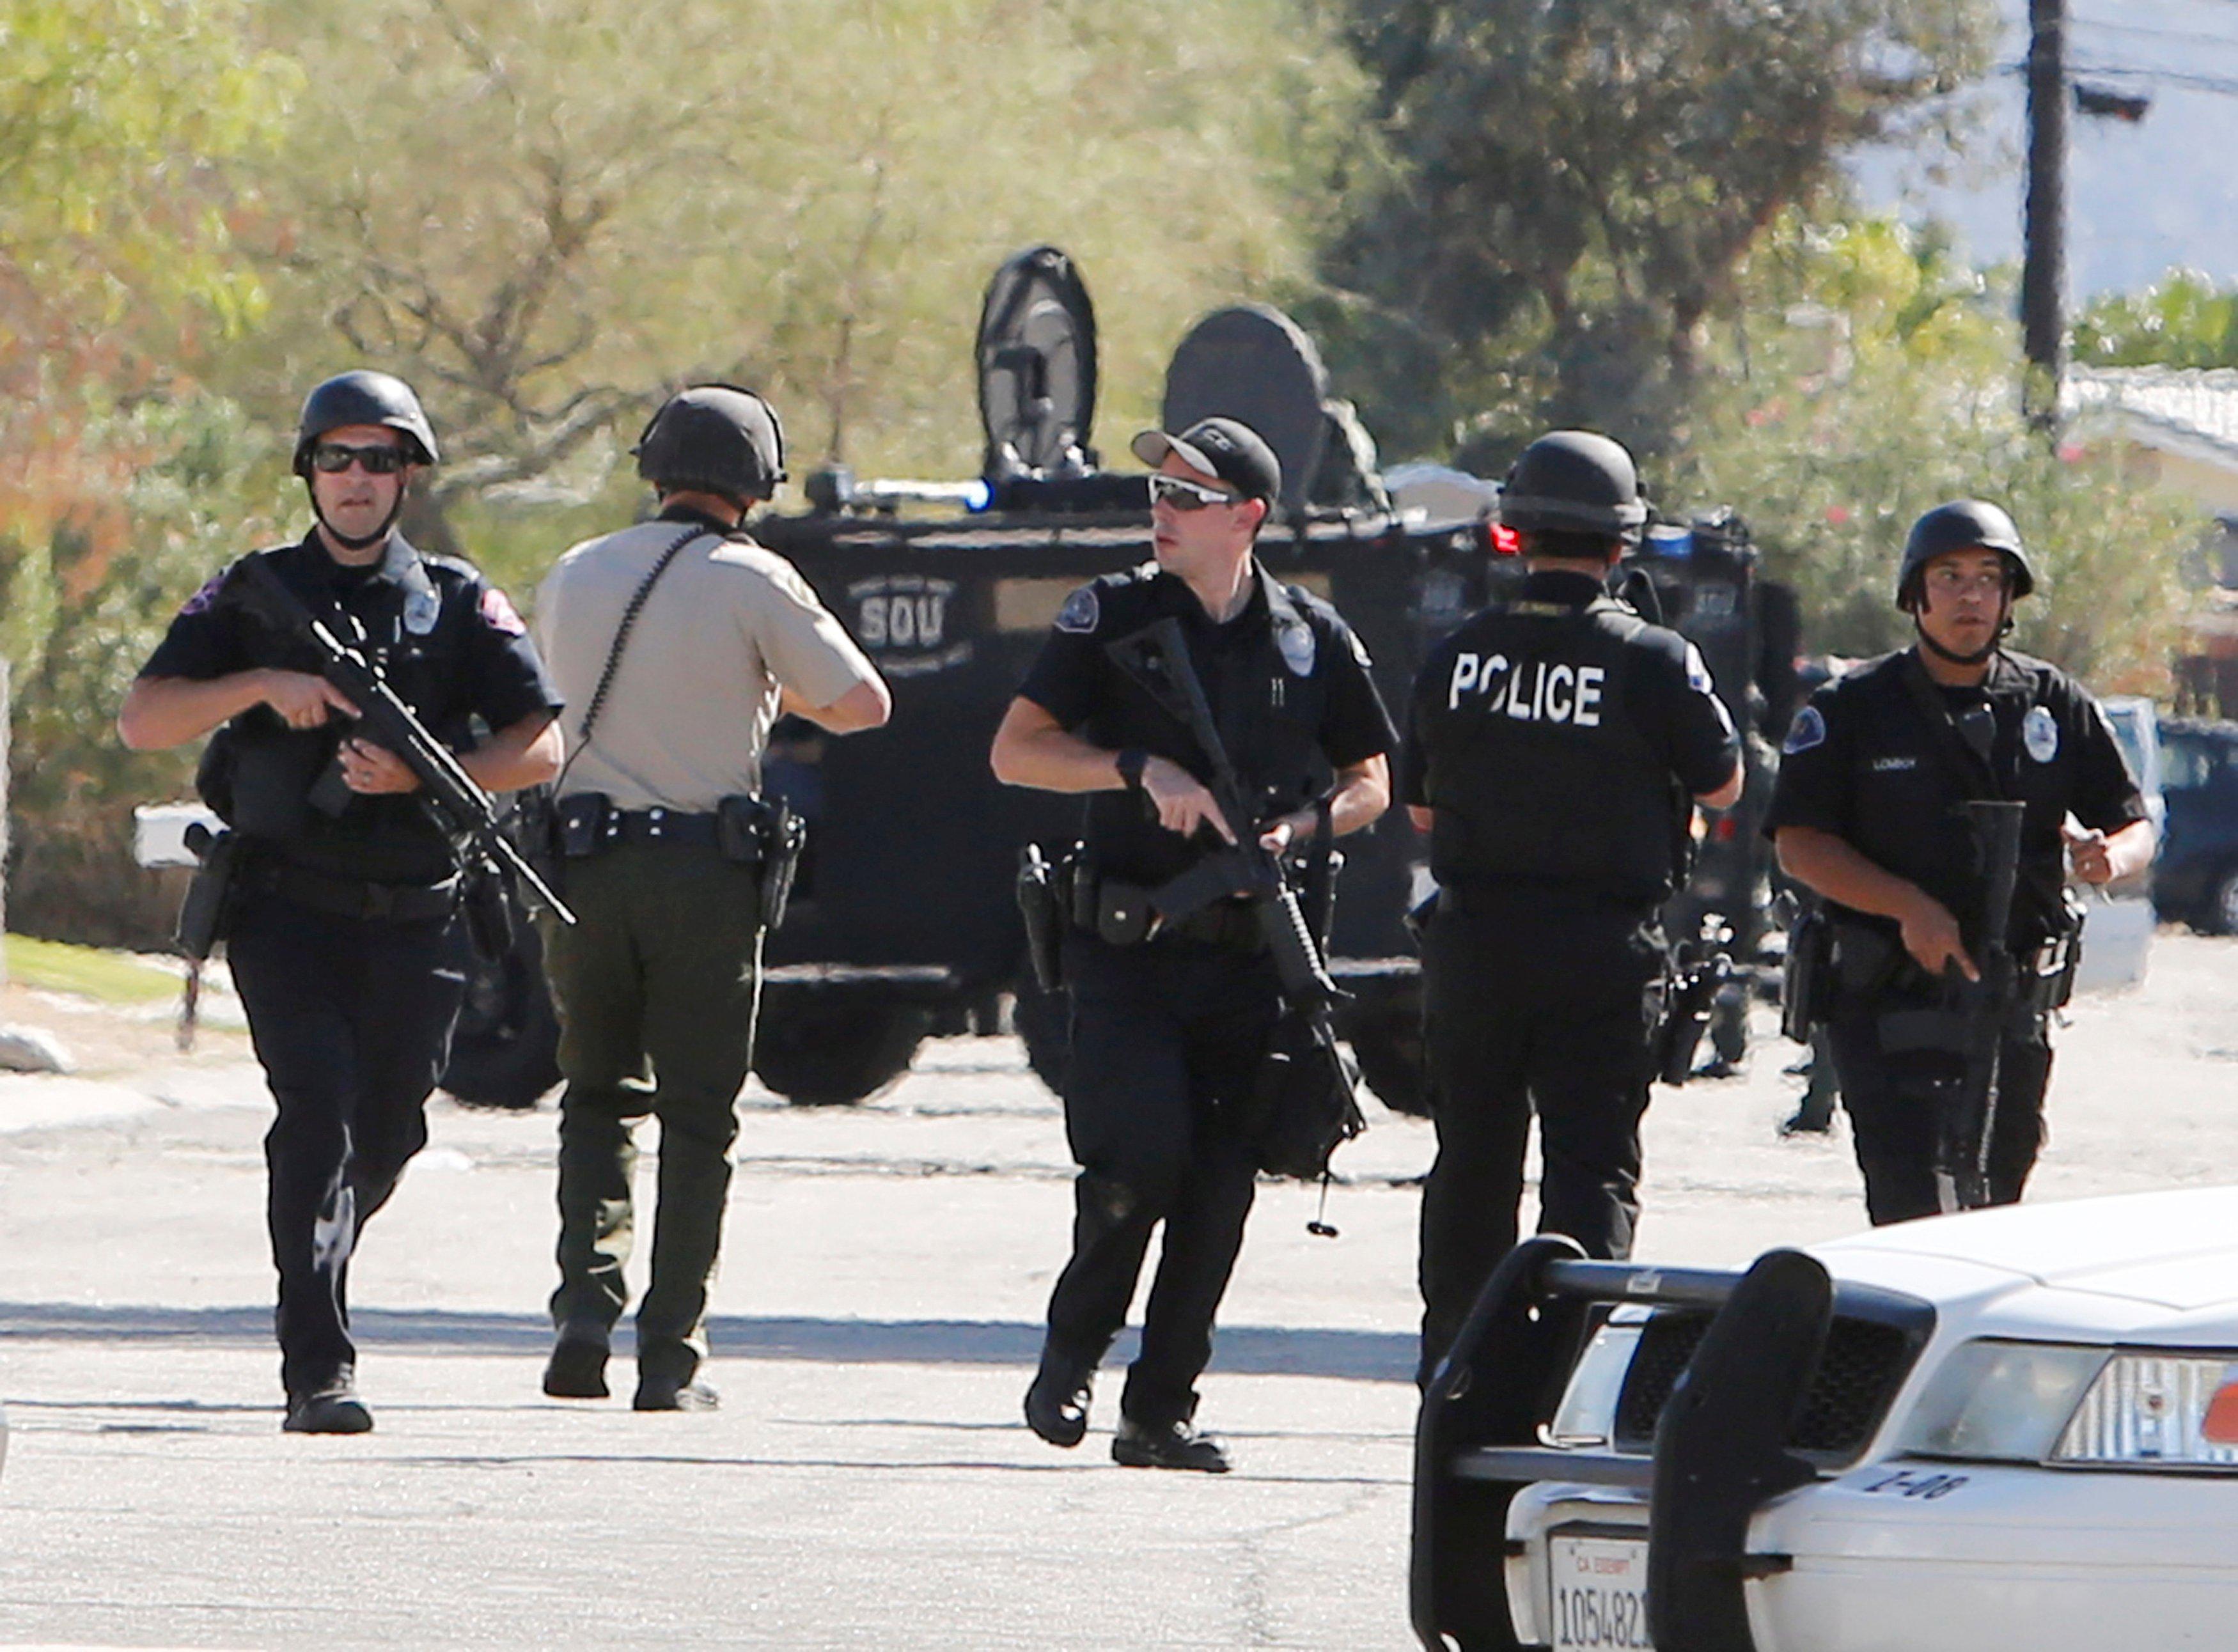 سقوط العديد من الضحايا جراء اطلاق نار بمنشأة بريد في الولايات المتحدة